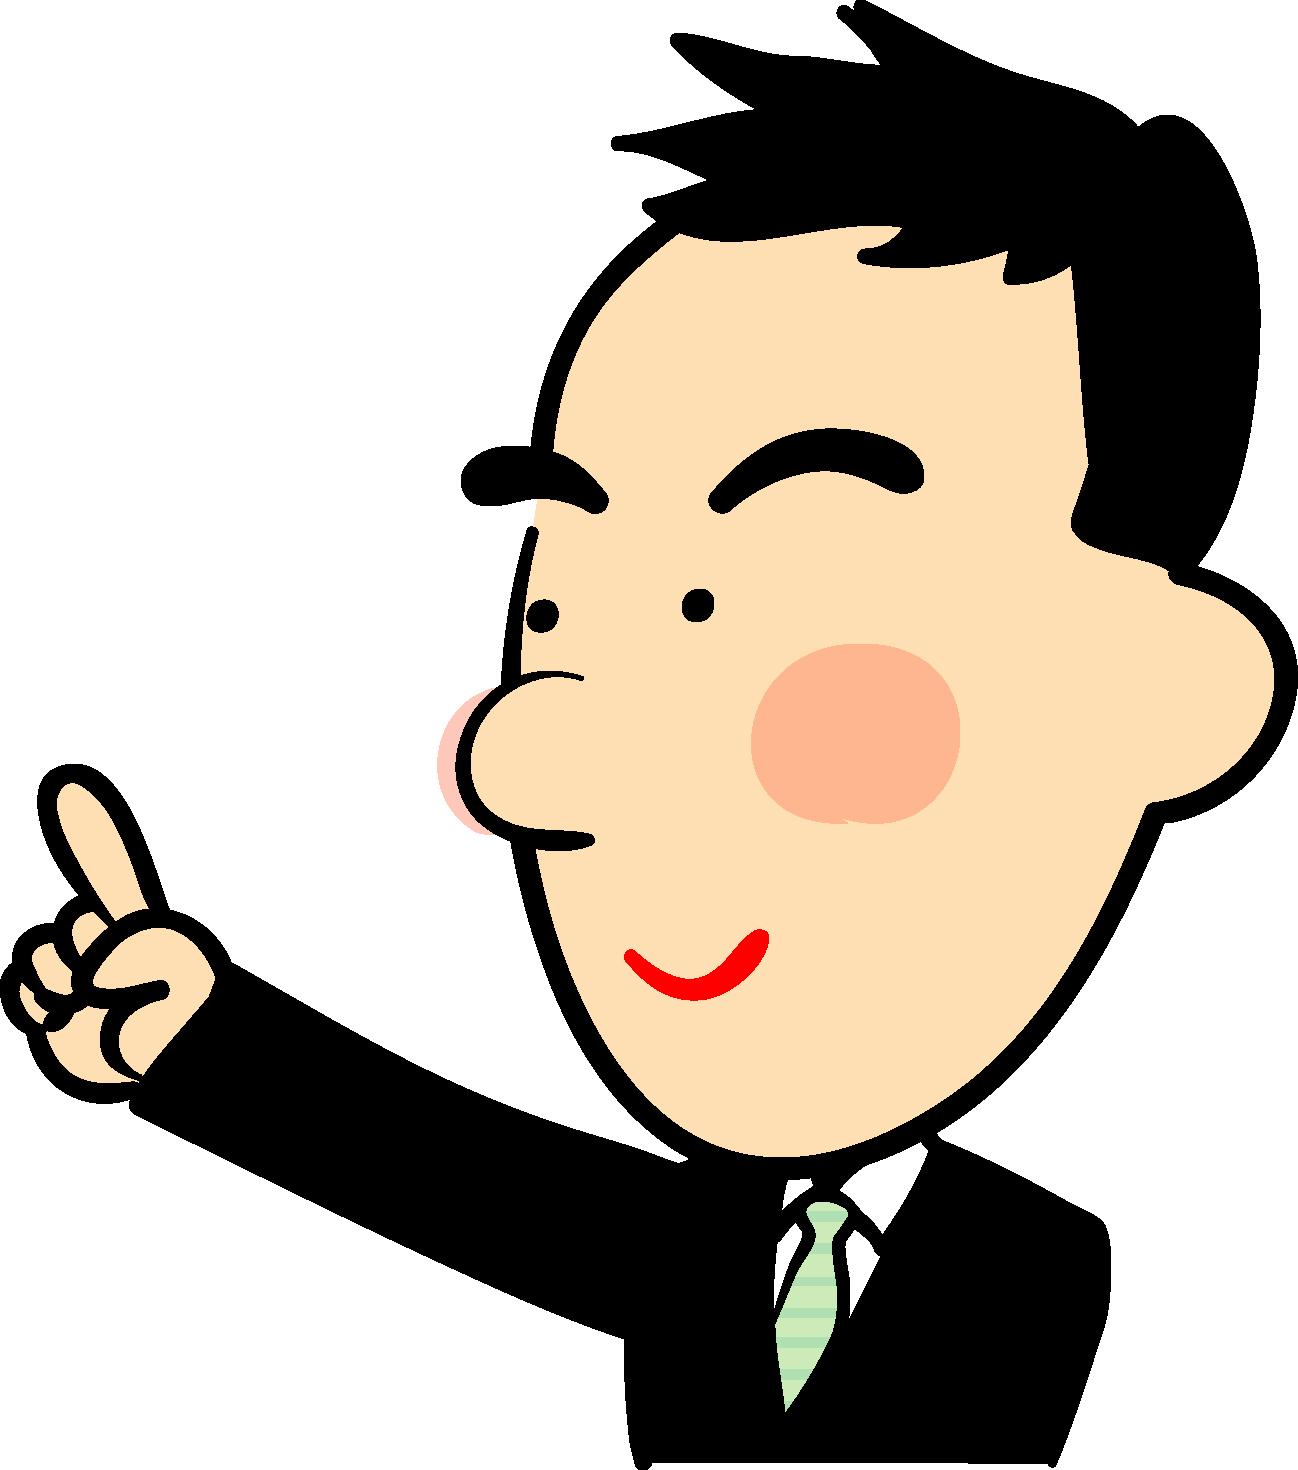 男性1指差しをする男性の無料イラスト素材ダウンロード印刷